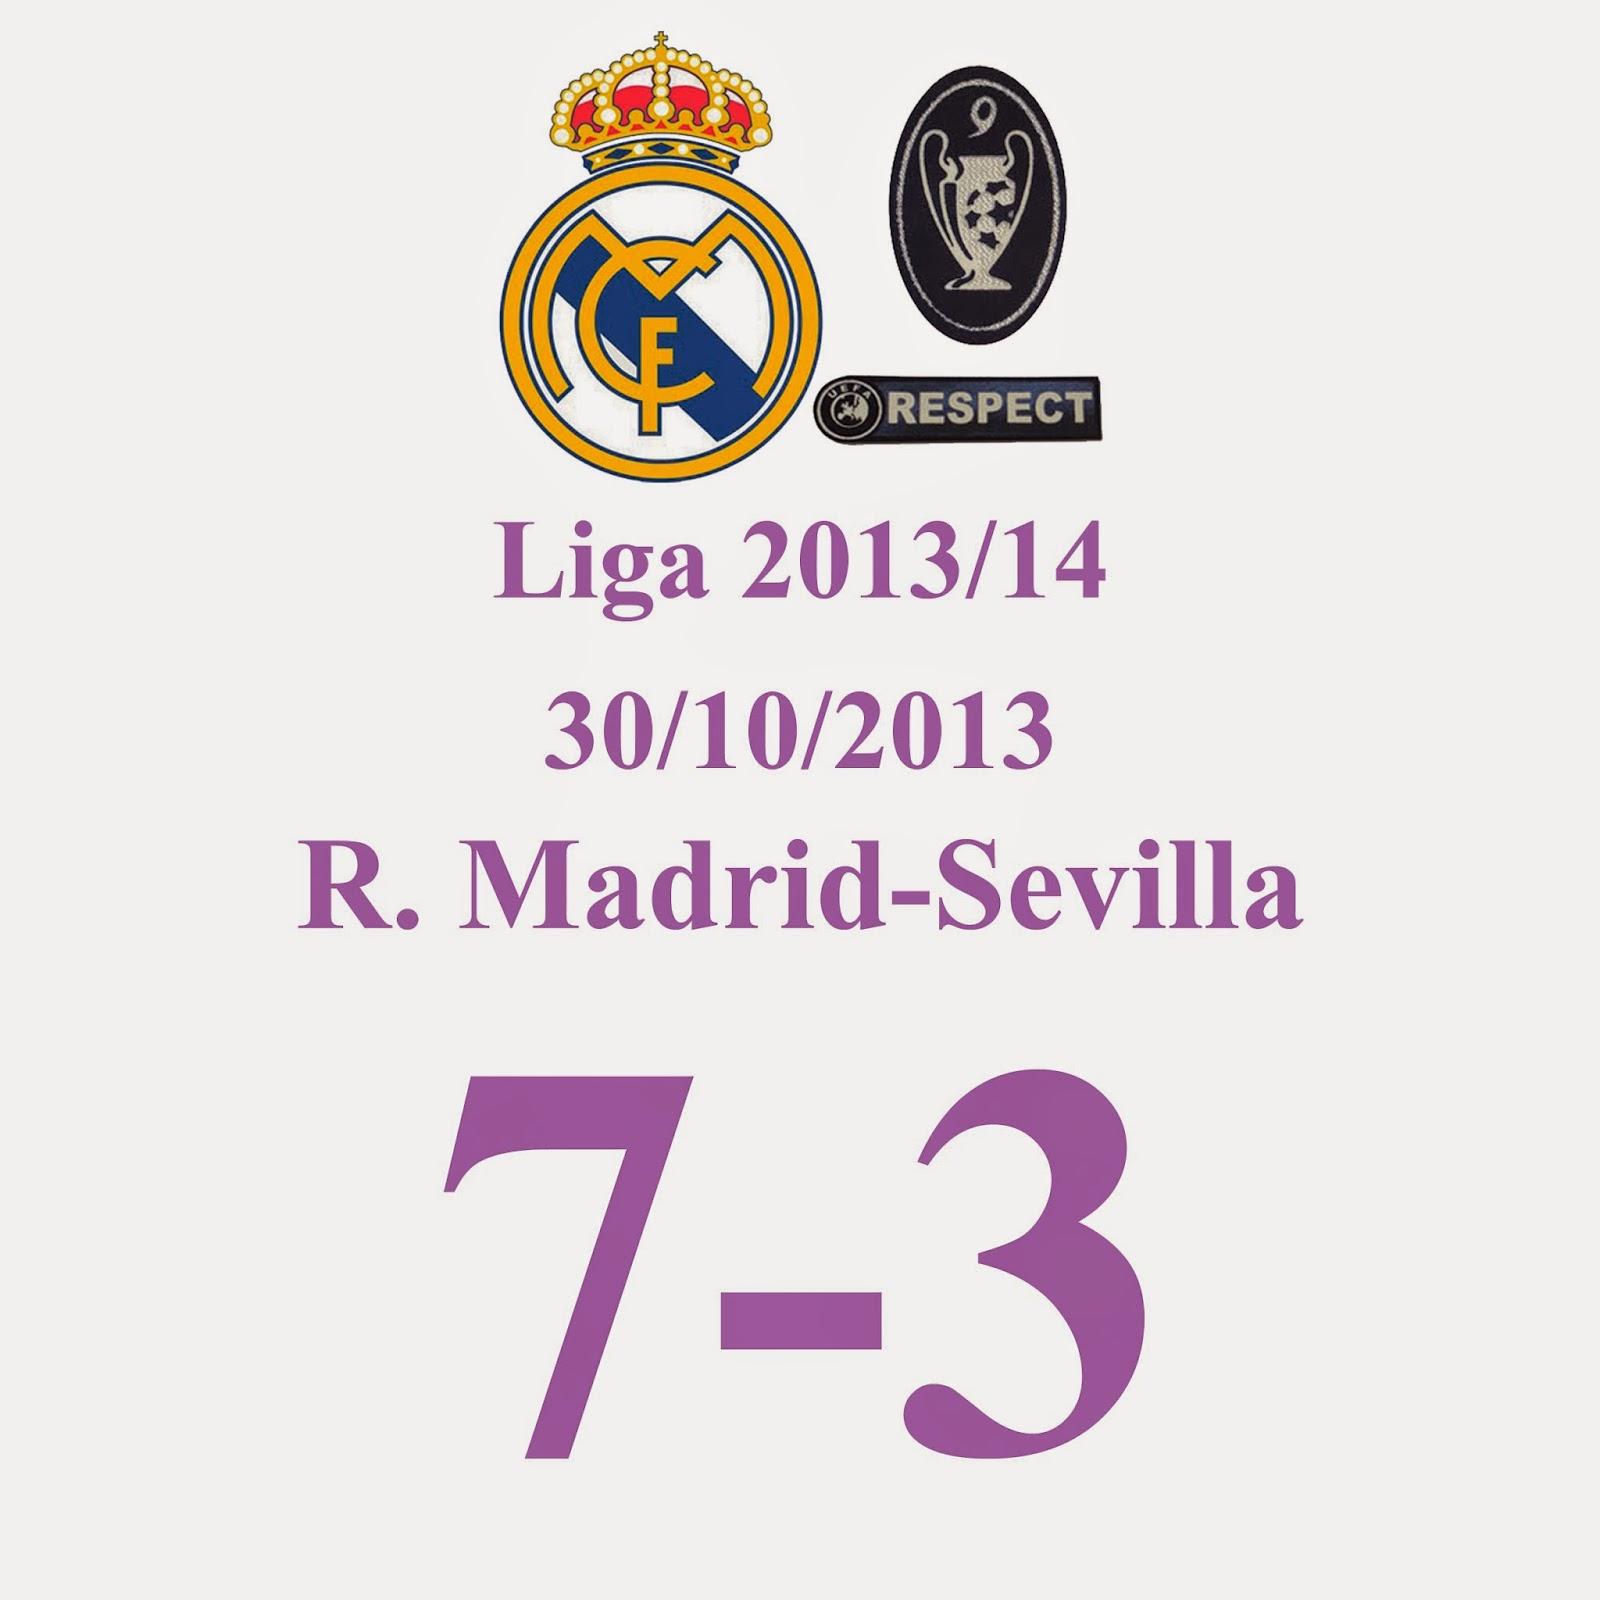 Real Madrid 7 - Sevilla 3 (Jornada 11 - 30/10/2013) Nuevo Hattrick de C. RONALDO (BAÑO DE LOS GORDOS AL SEVILLA)